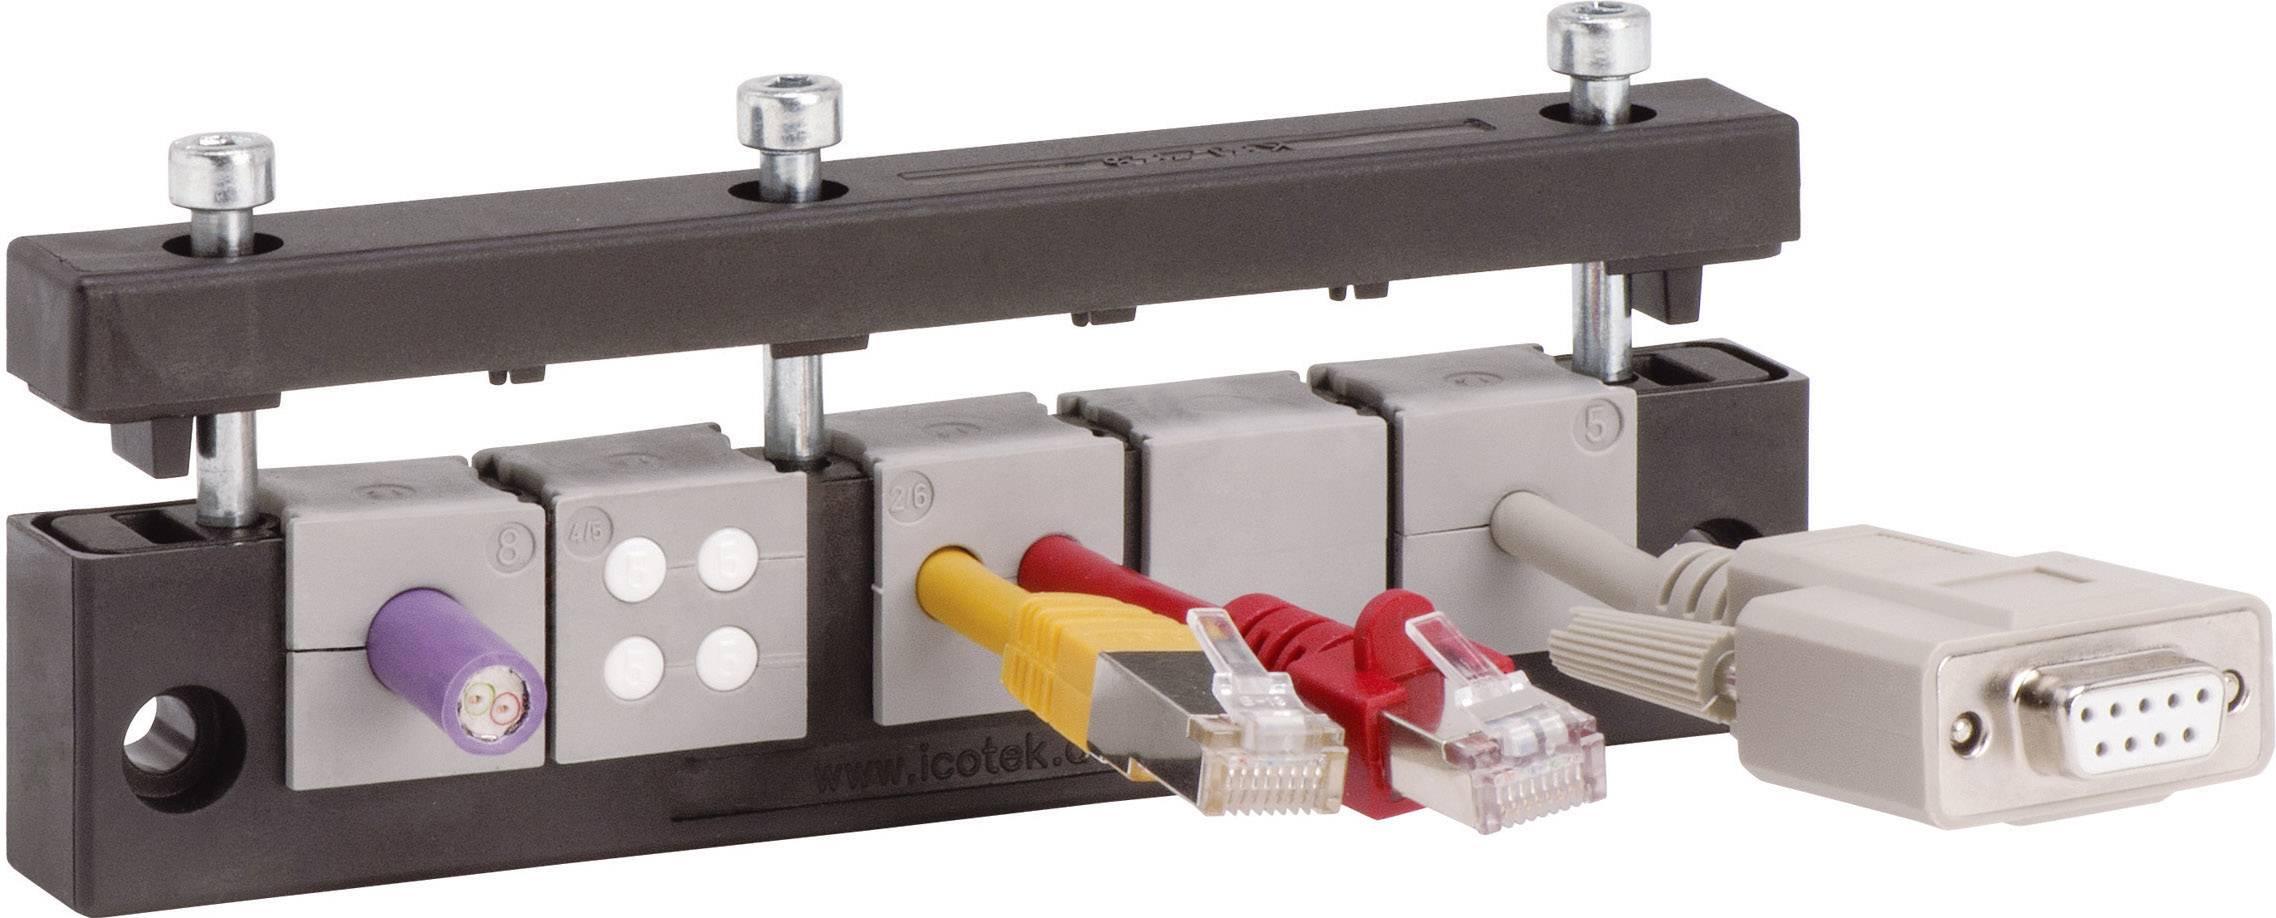 Lišta pre zavádzanie káblov Icotek KEL-E5, Ø 17 mm, IP54, polyamid, čierna, 1 ks